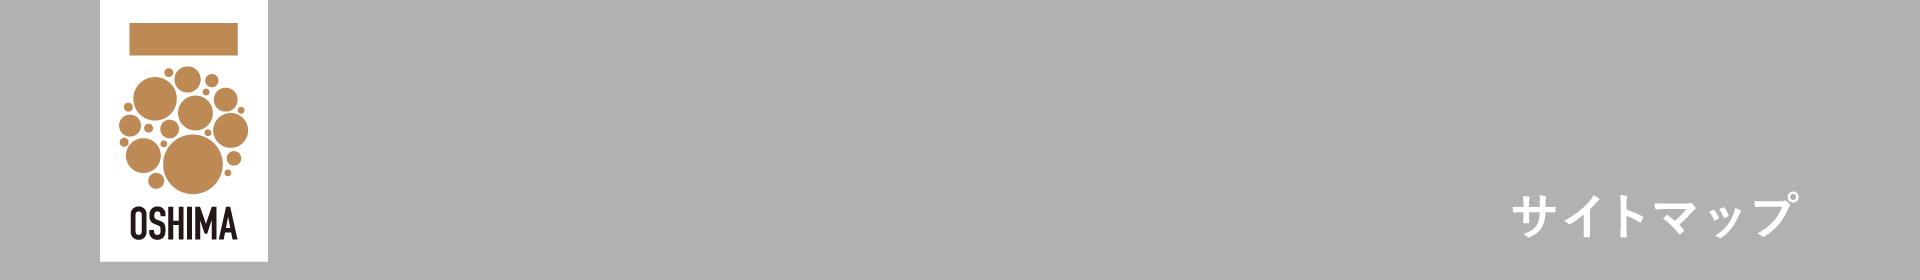 新潟県 上越市 大島グループ サイトマップ